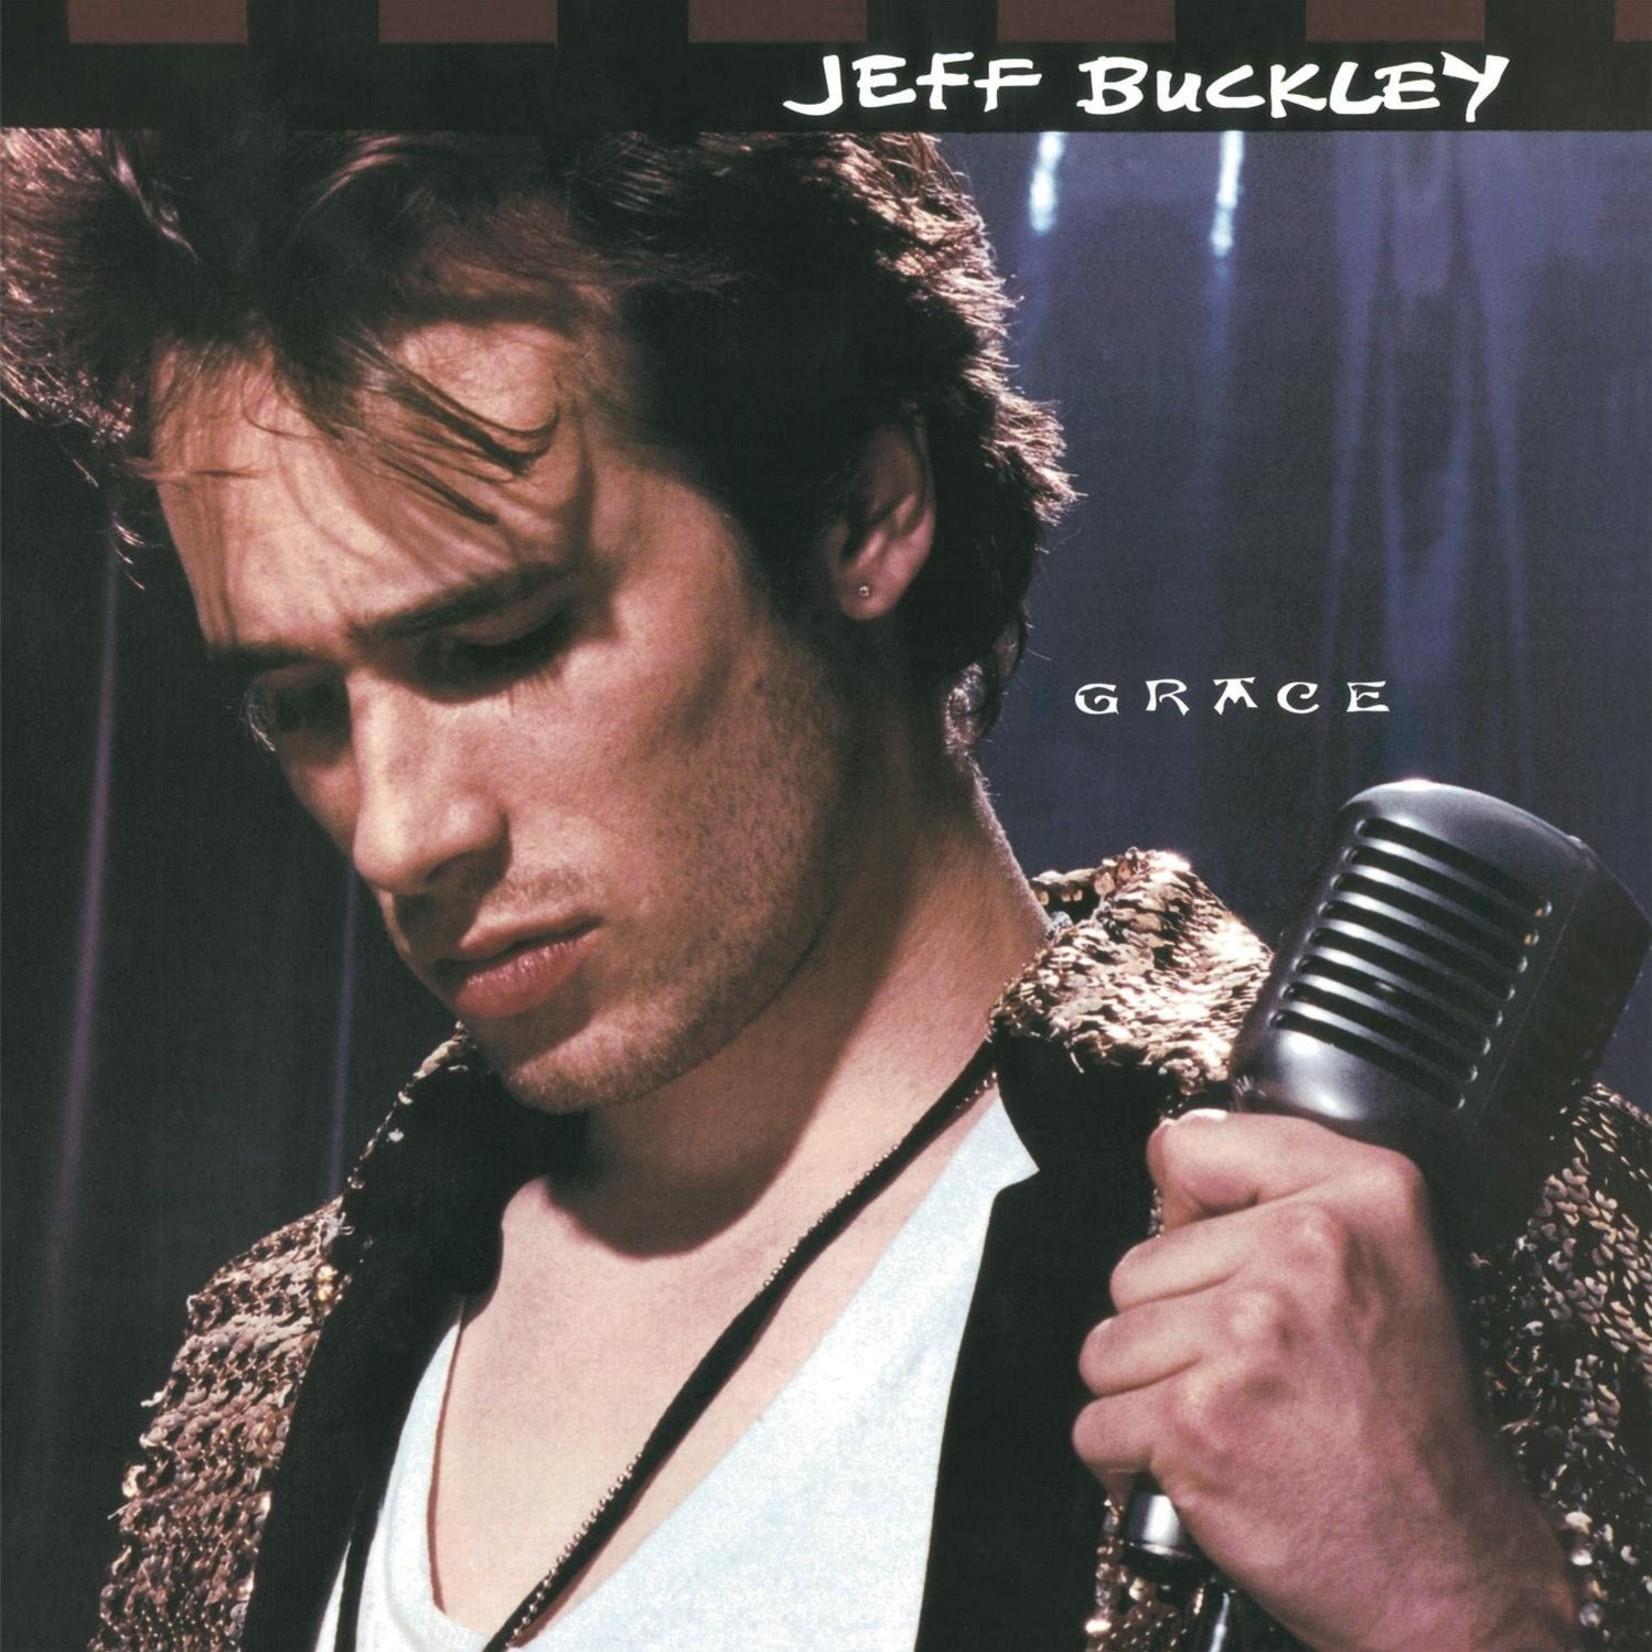 Jeff Buckley JEFF BUCKLEY - GRACE